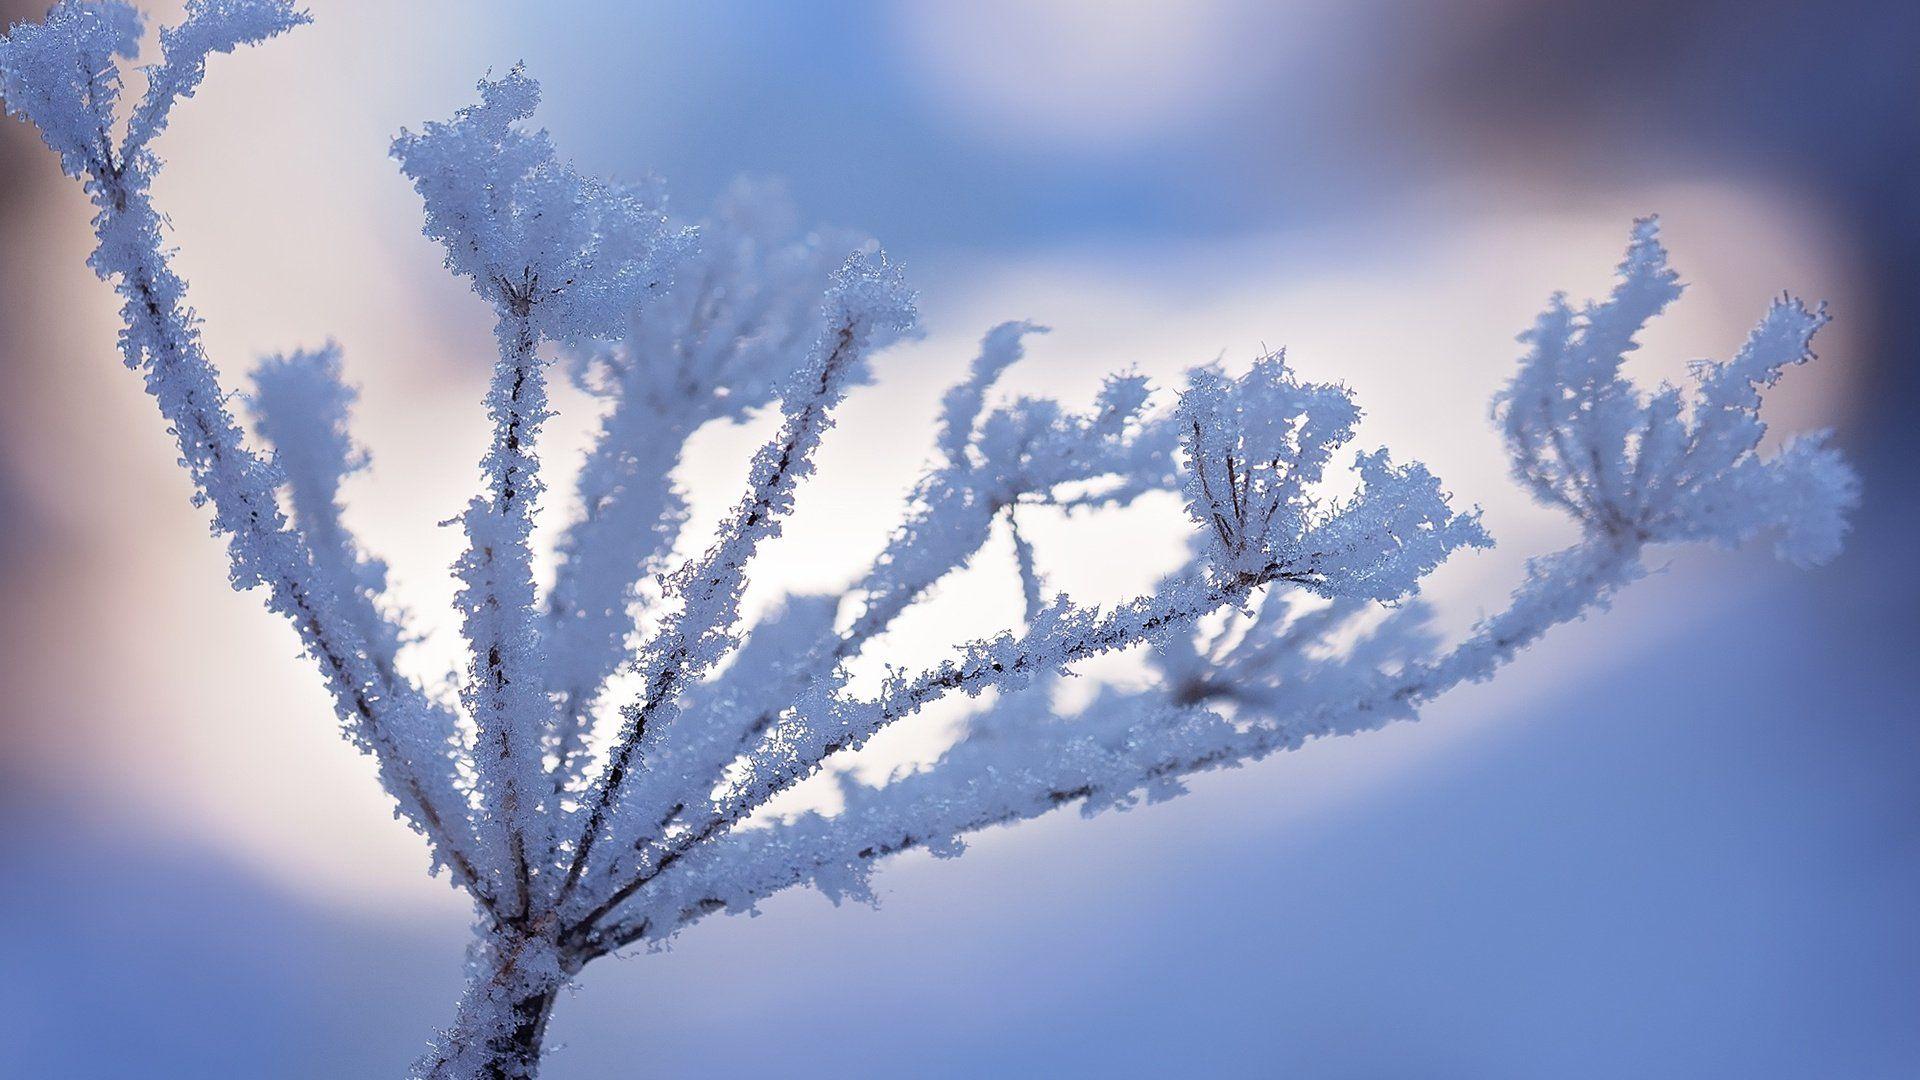 Macro Winter Cool Wallpaper